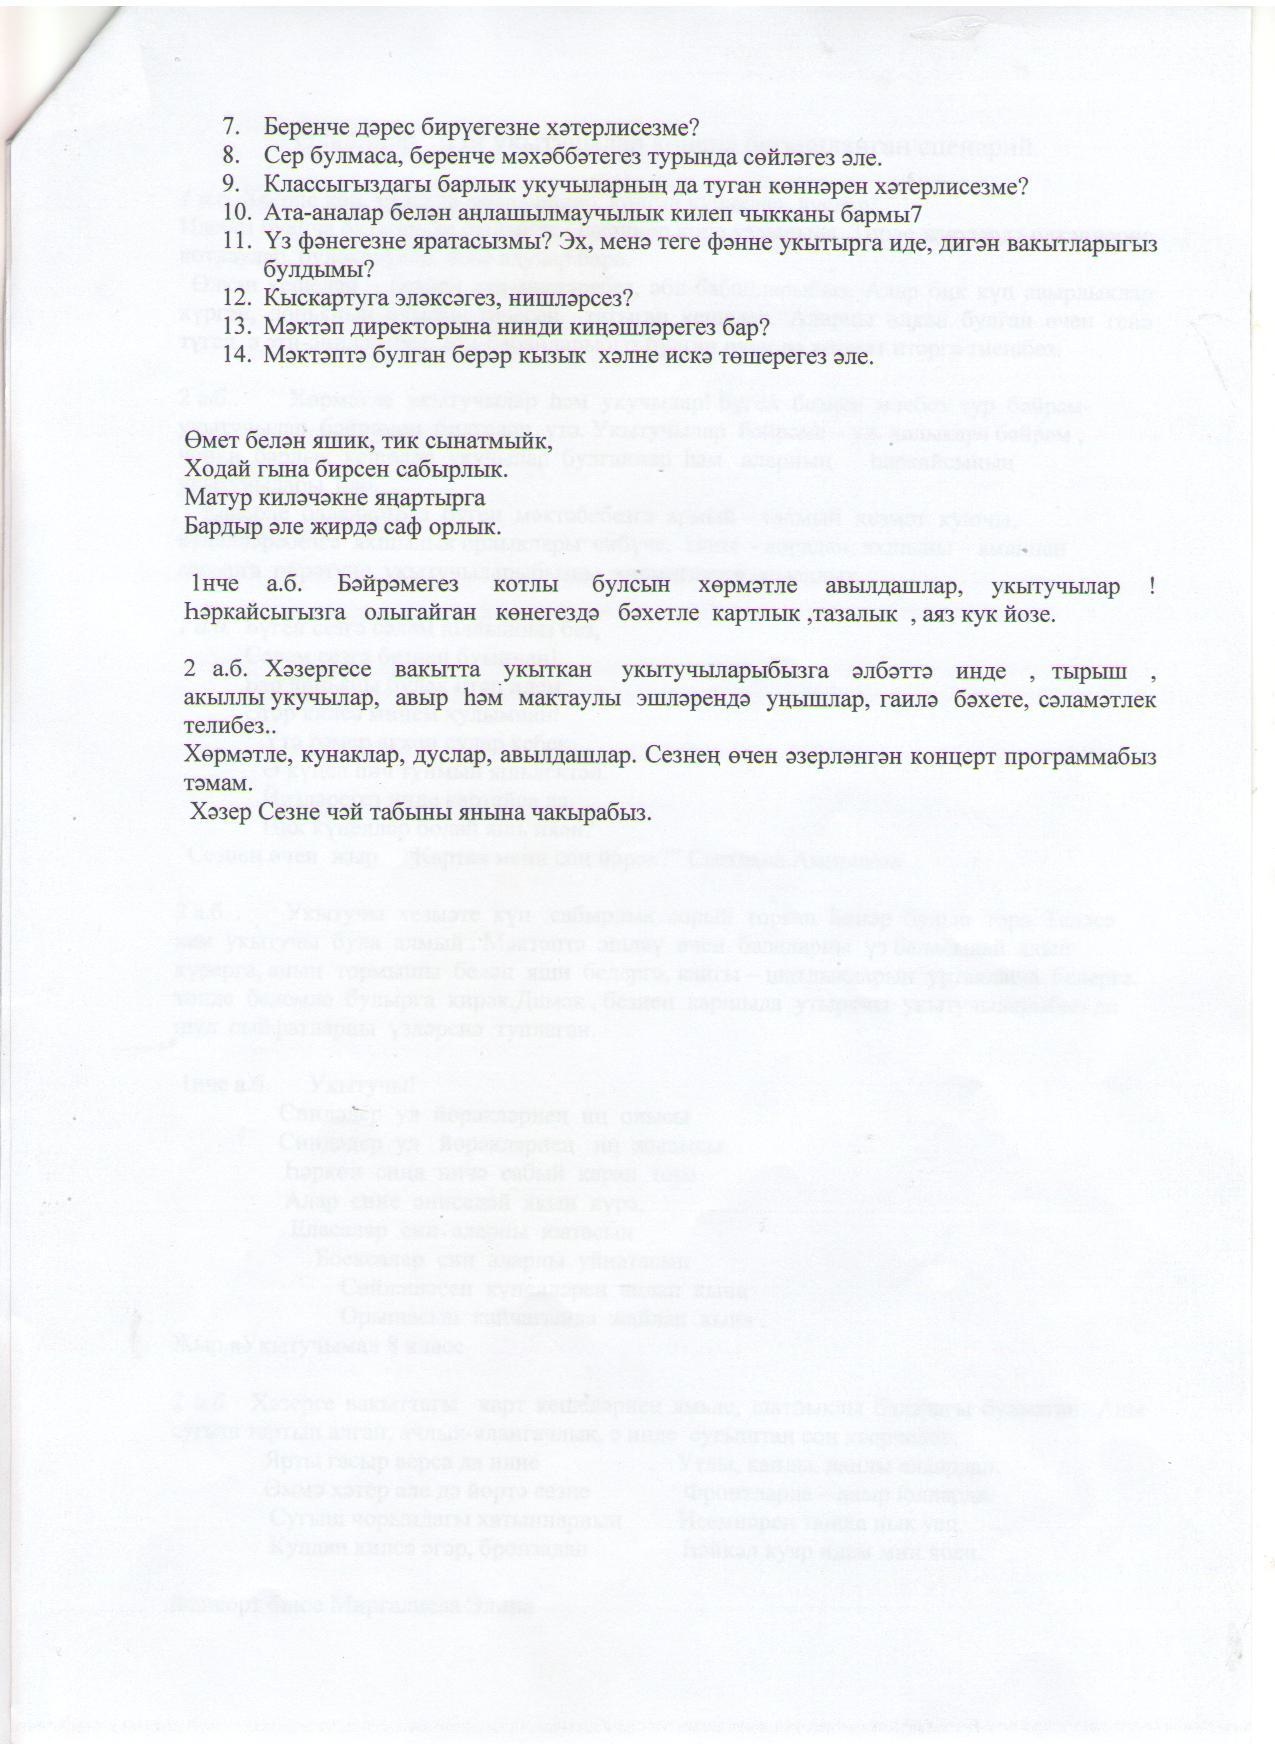 C:\Documents and Settings\Айнур\Рабочий стол\день пожилых и день учителя 003.jpg